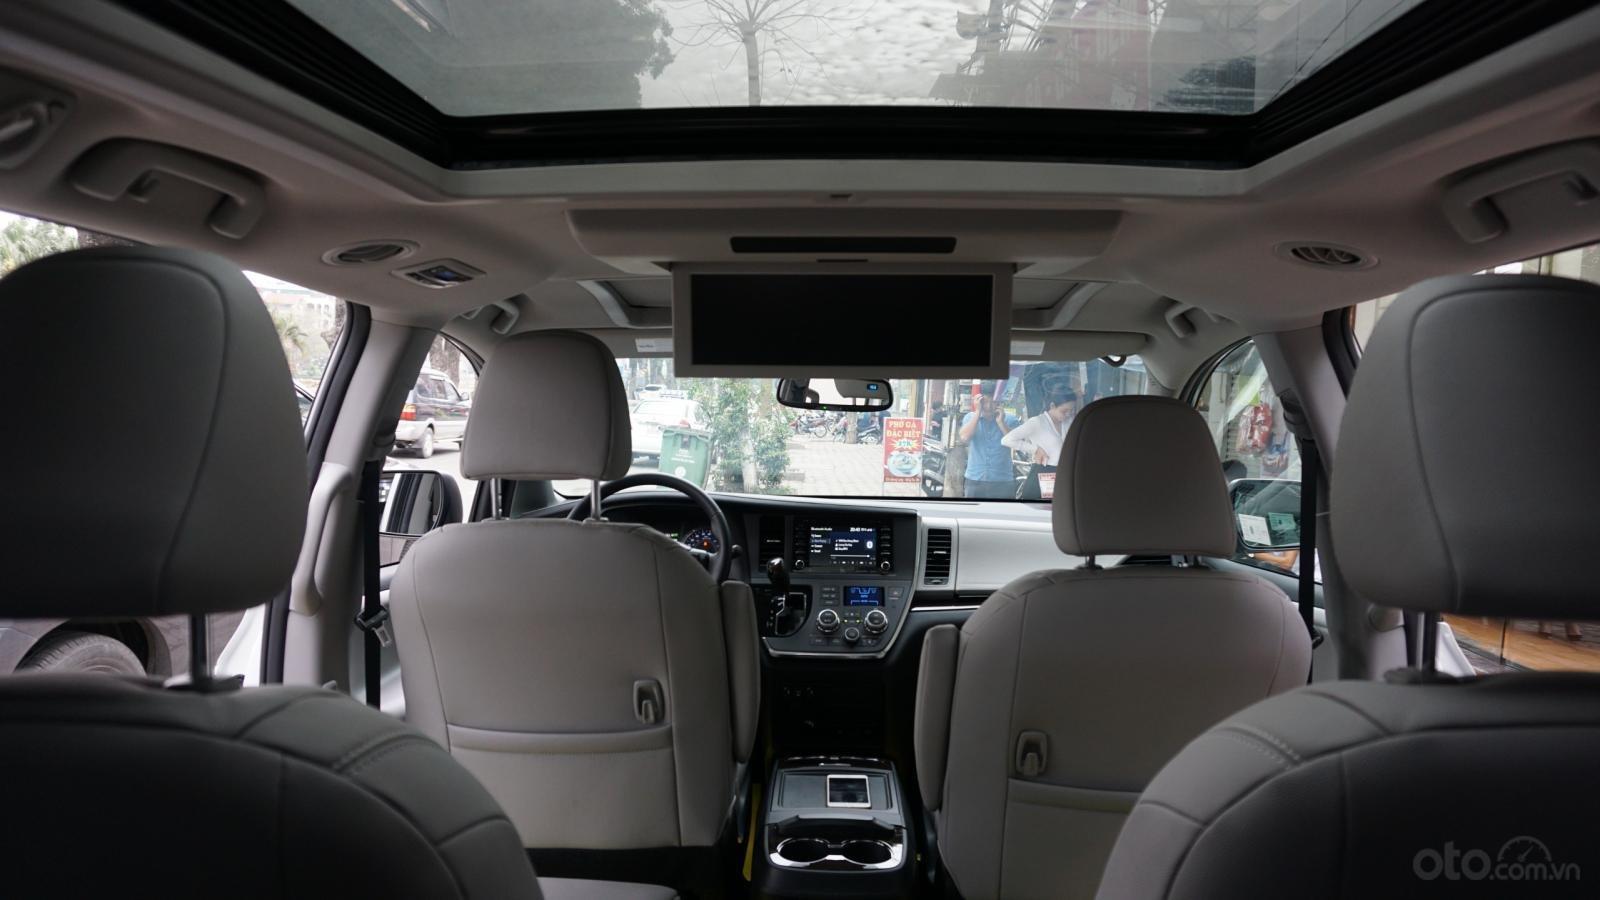 Bán Toyota Sienna Limited 1 cầu 2020 giao ngay, giá tốt nhất, LH 094.539.2468 Ms Hương (18)